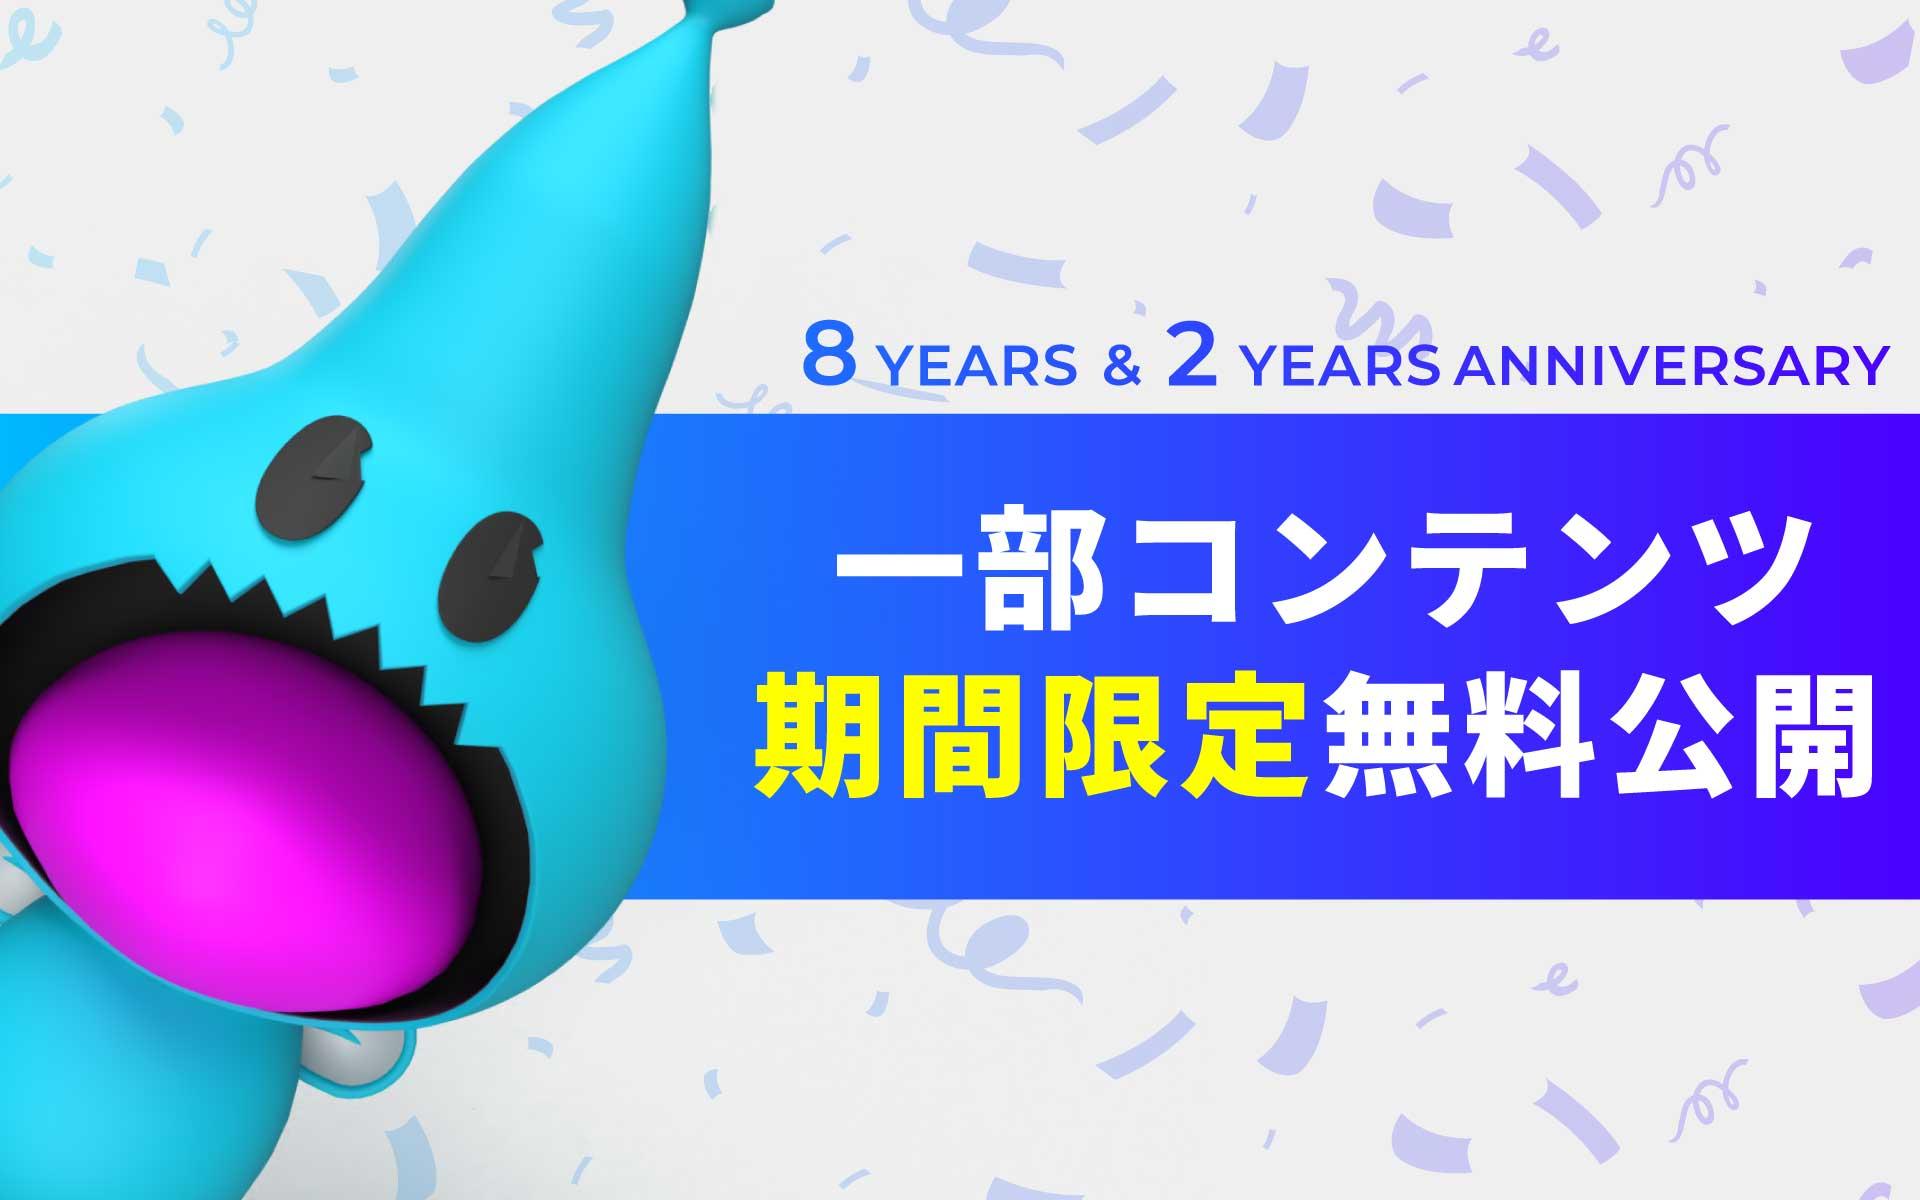 【2周年記念】KAI-YOU Premiumより、一部コンテンツを期間限定で無料公開【公開終了】